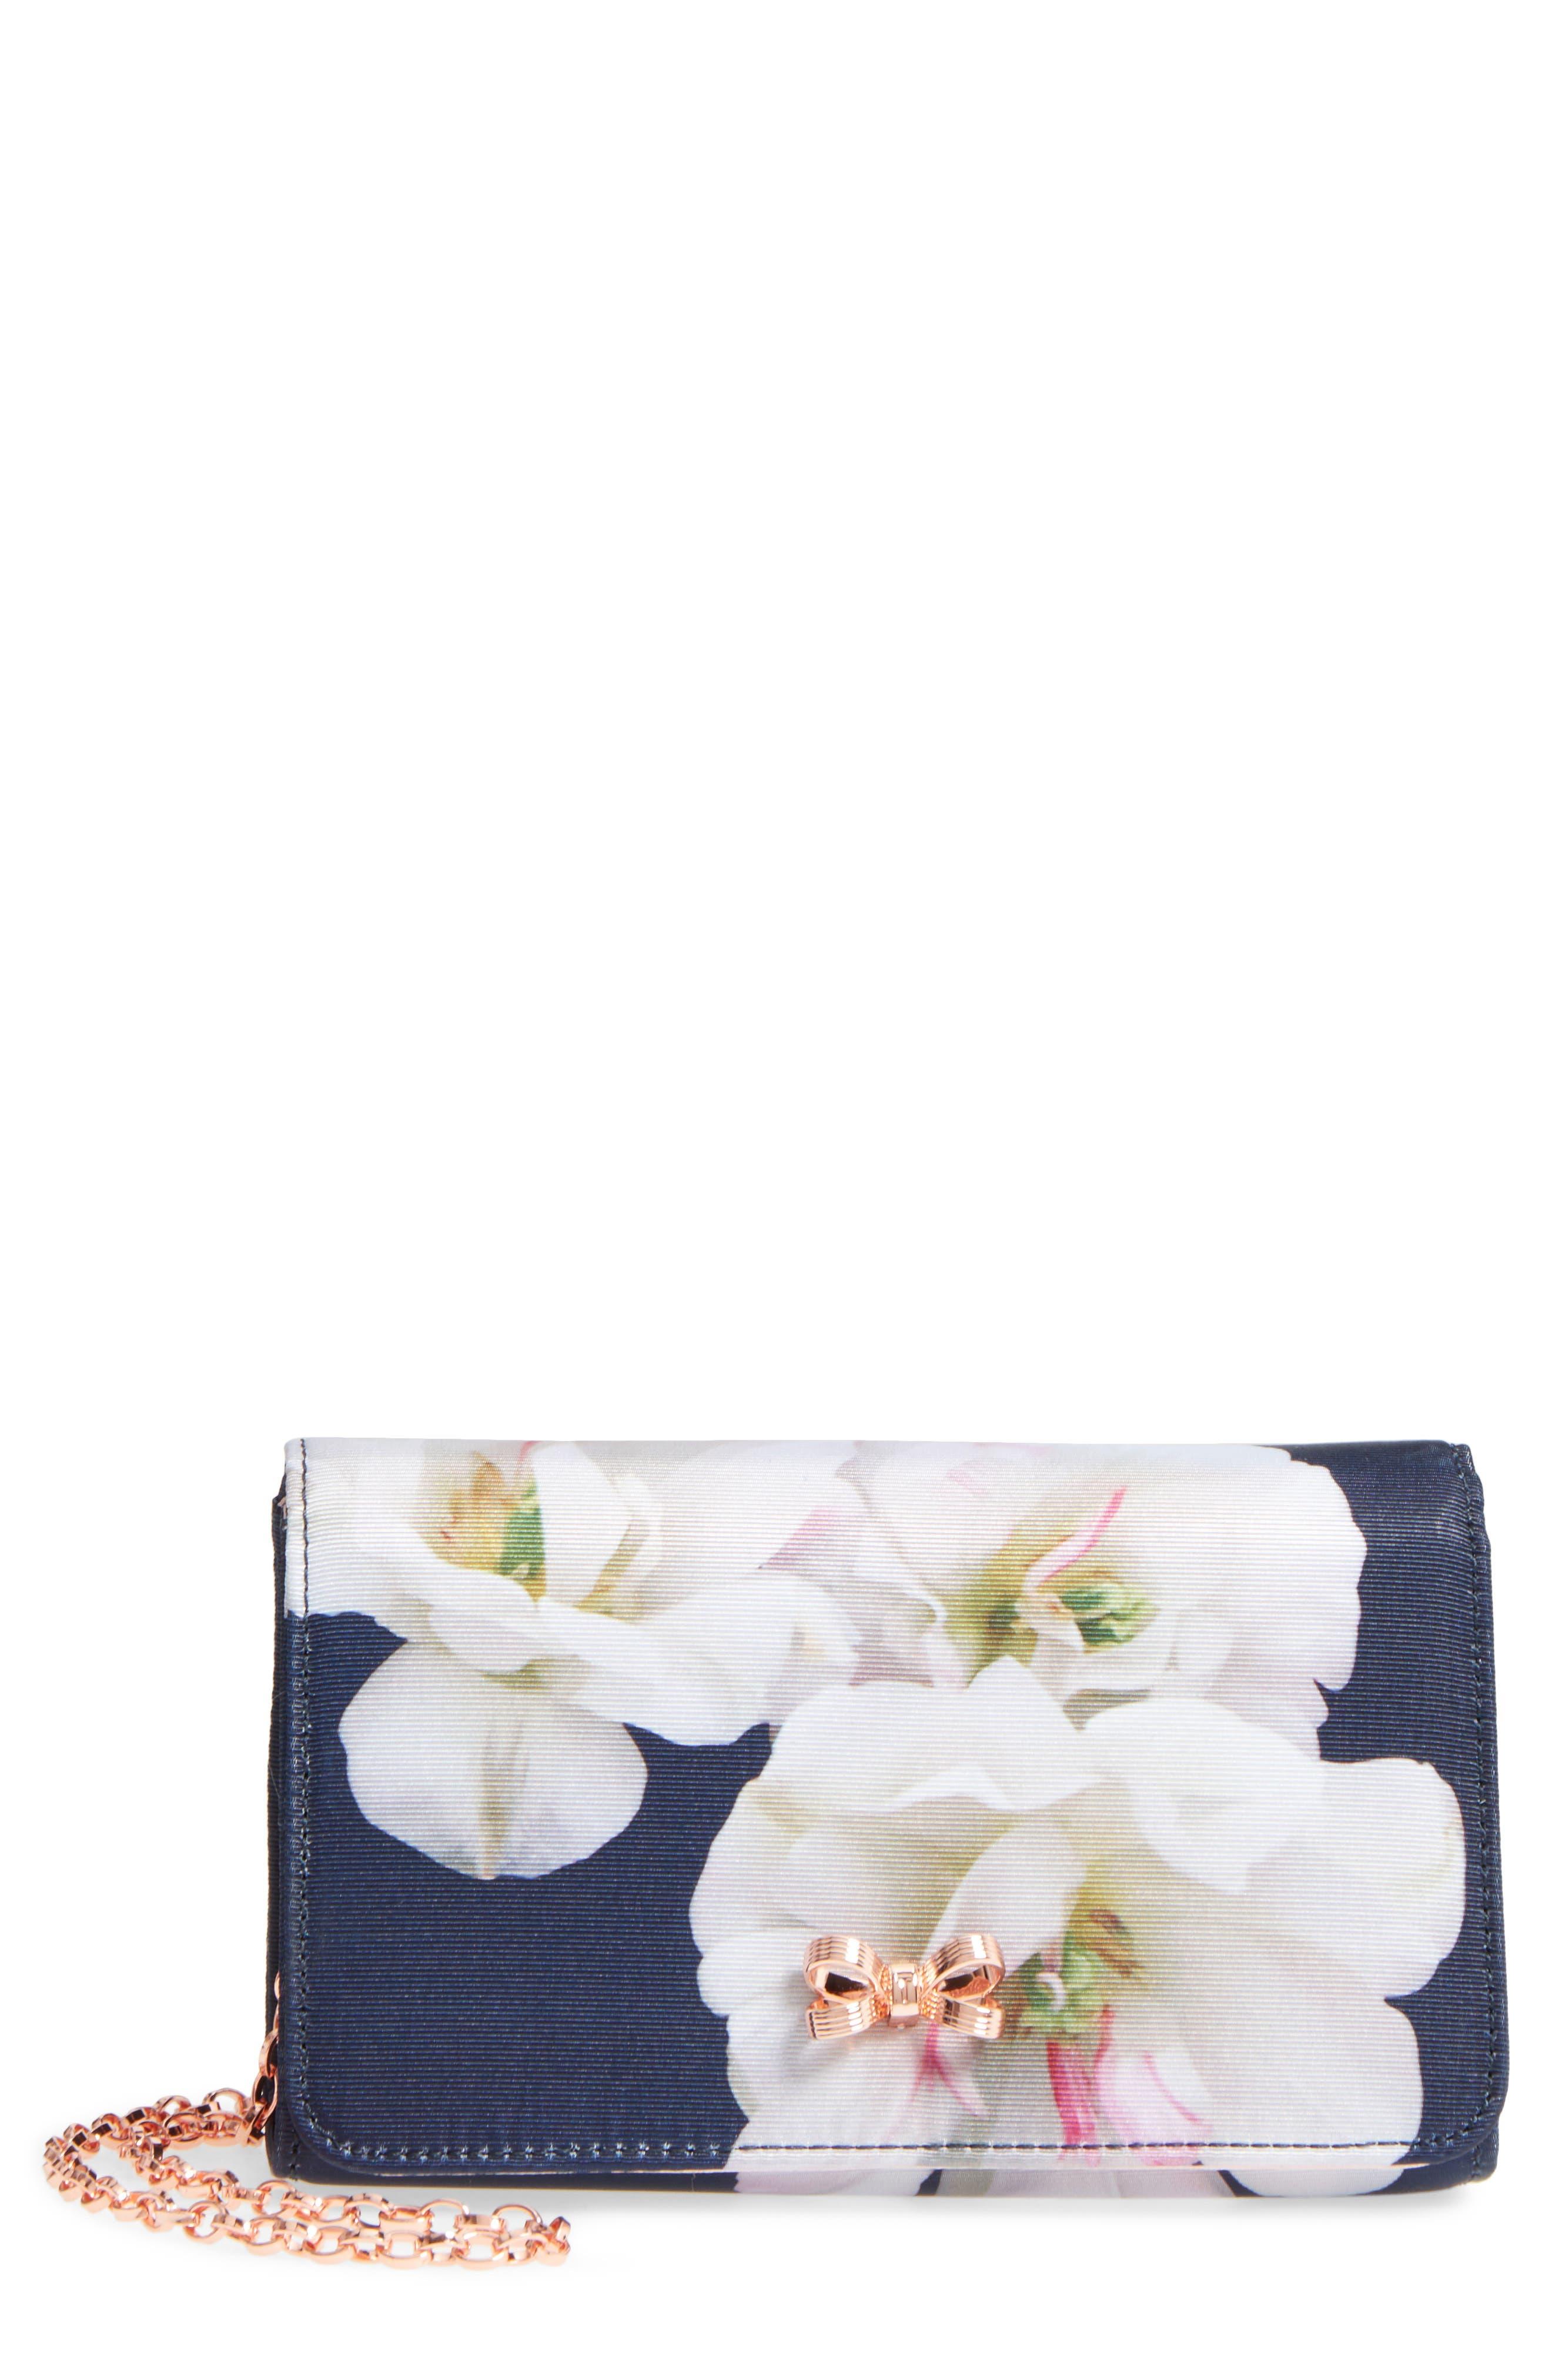 Dafodil Gardenia Grosgrain Clutch,                             Main thumbnail 1, color,                             402